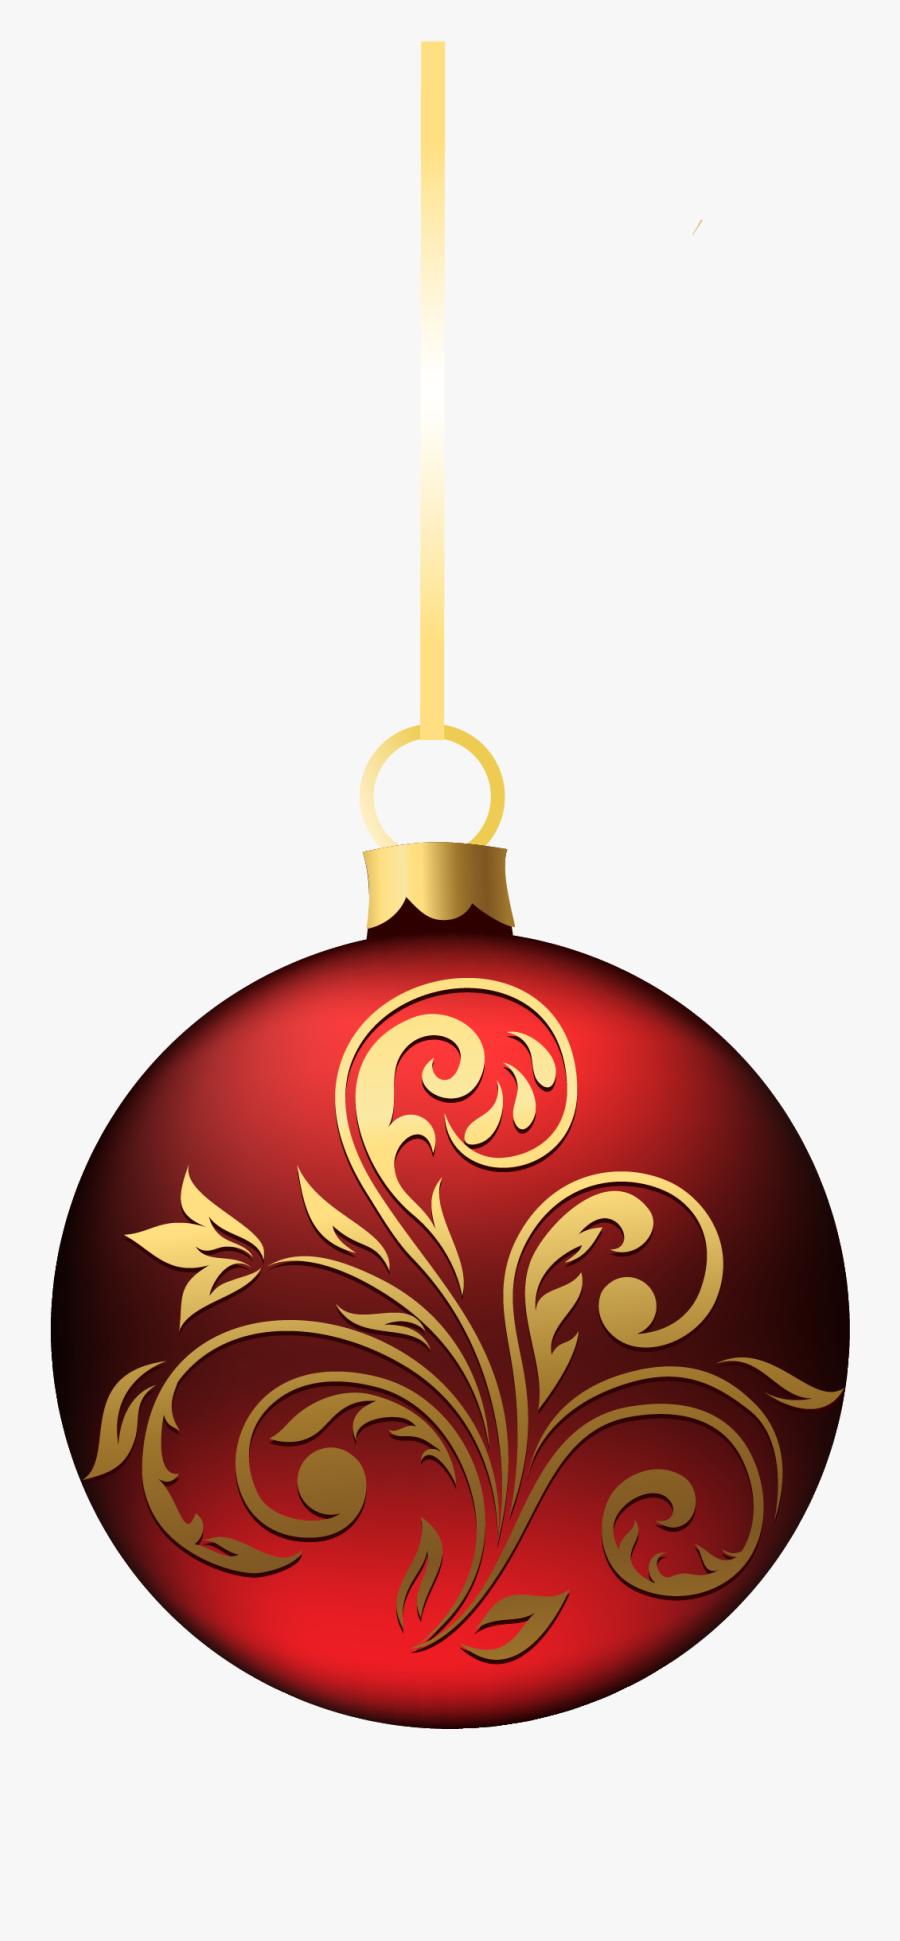 Christmas Decoration Png Transparent, Transparent Clipart